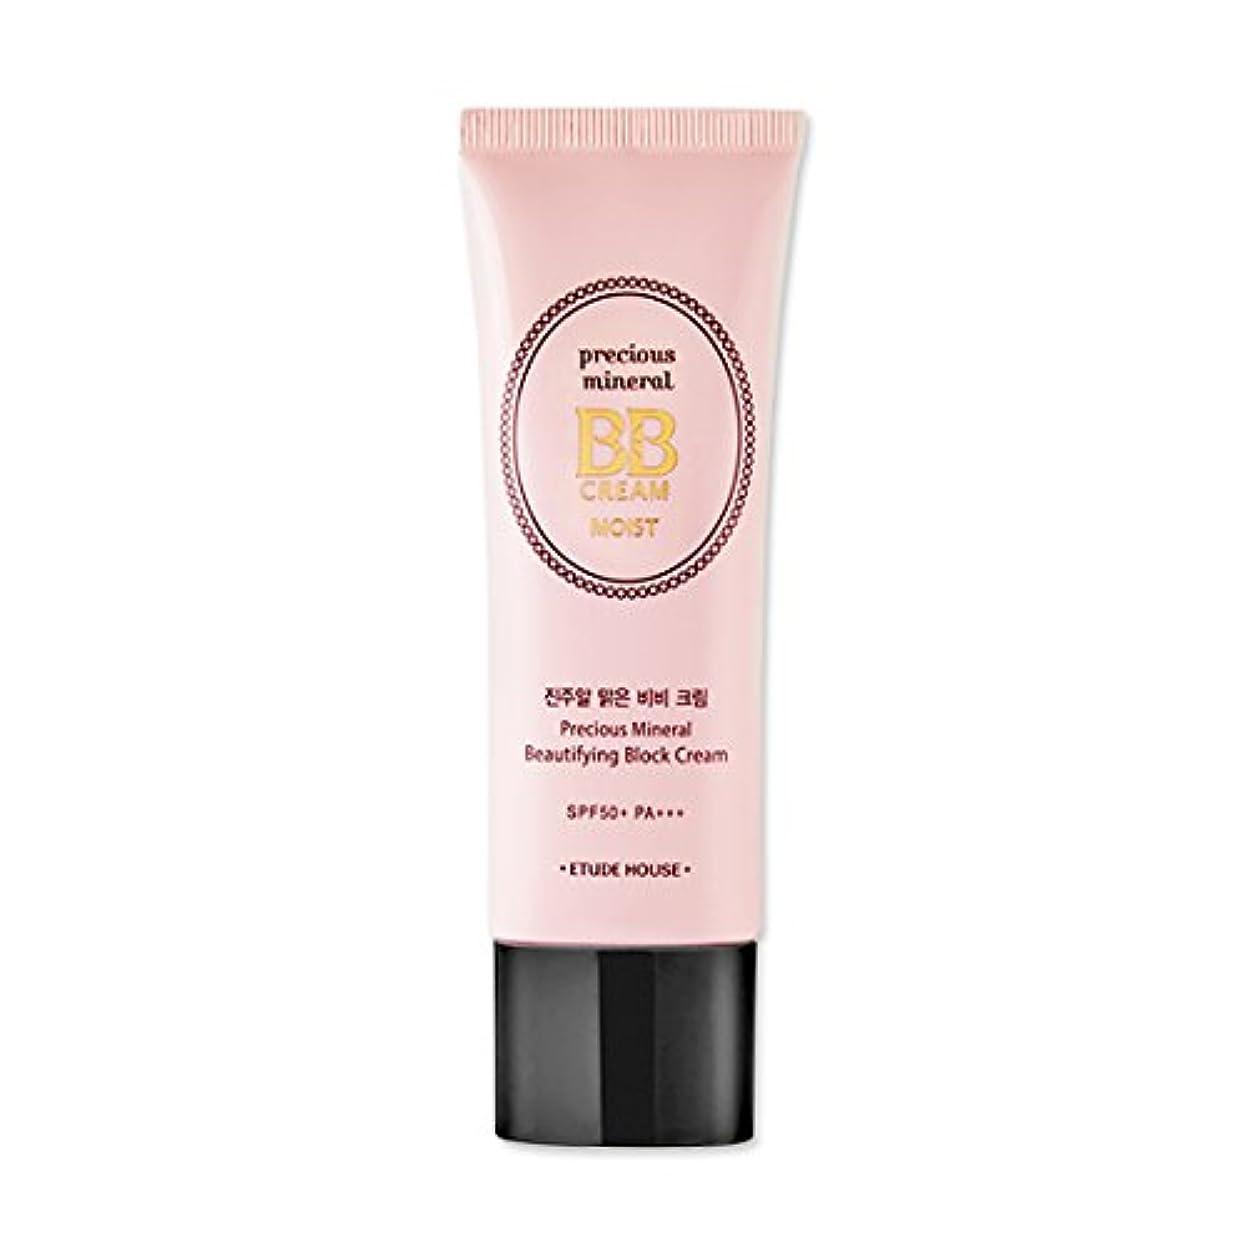 ハイジャック多数の立方体[New] ETUDE HOUSE Precious Mineral BB Cream * Moist * 45g/エチュードハウス プレシャス ミネラル BBクリーム * モイスト * 45g (#Beige) [並行輸入品]